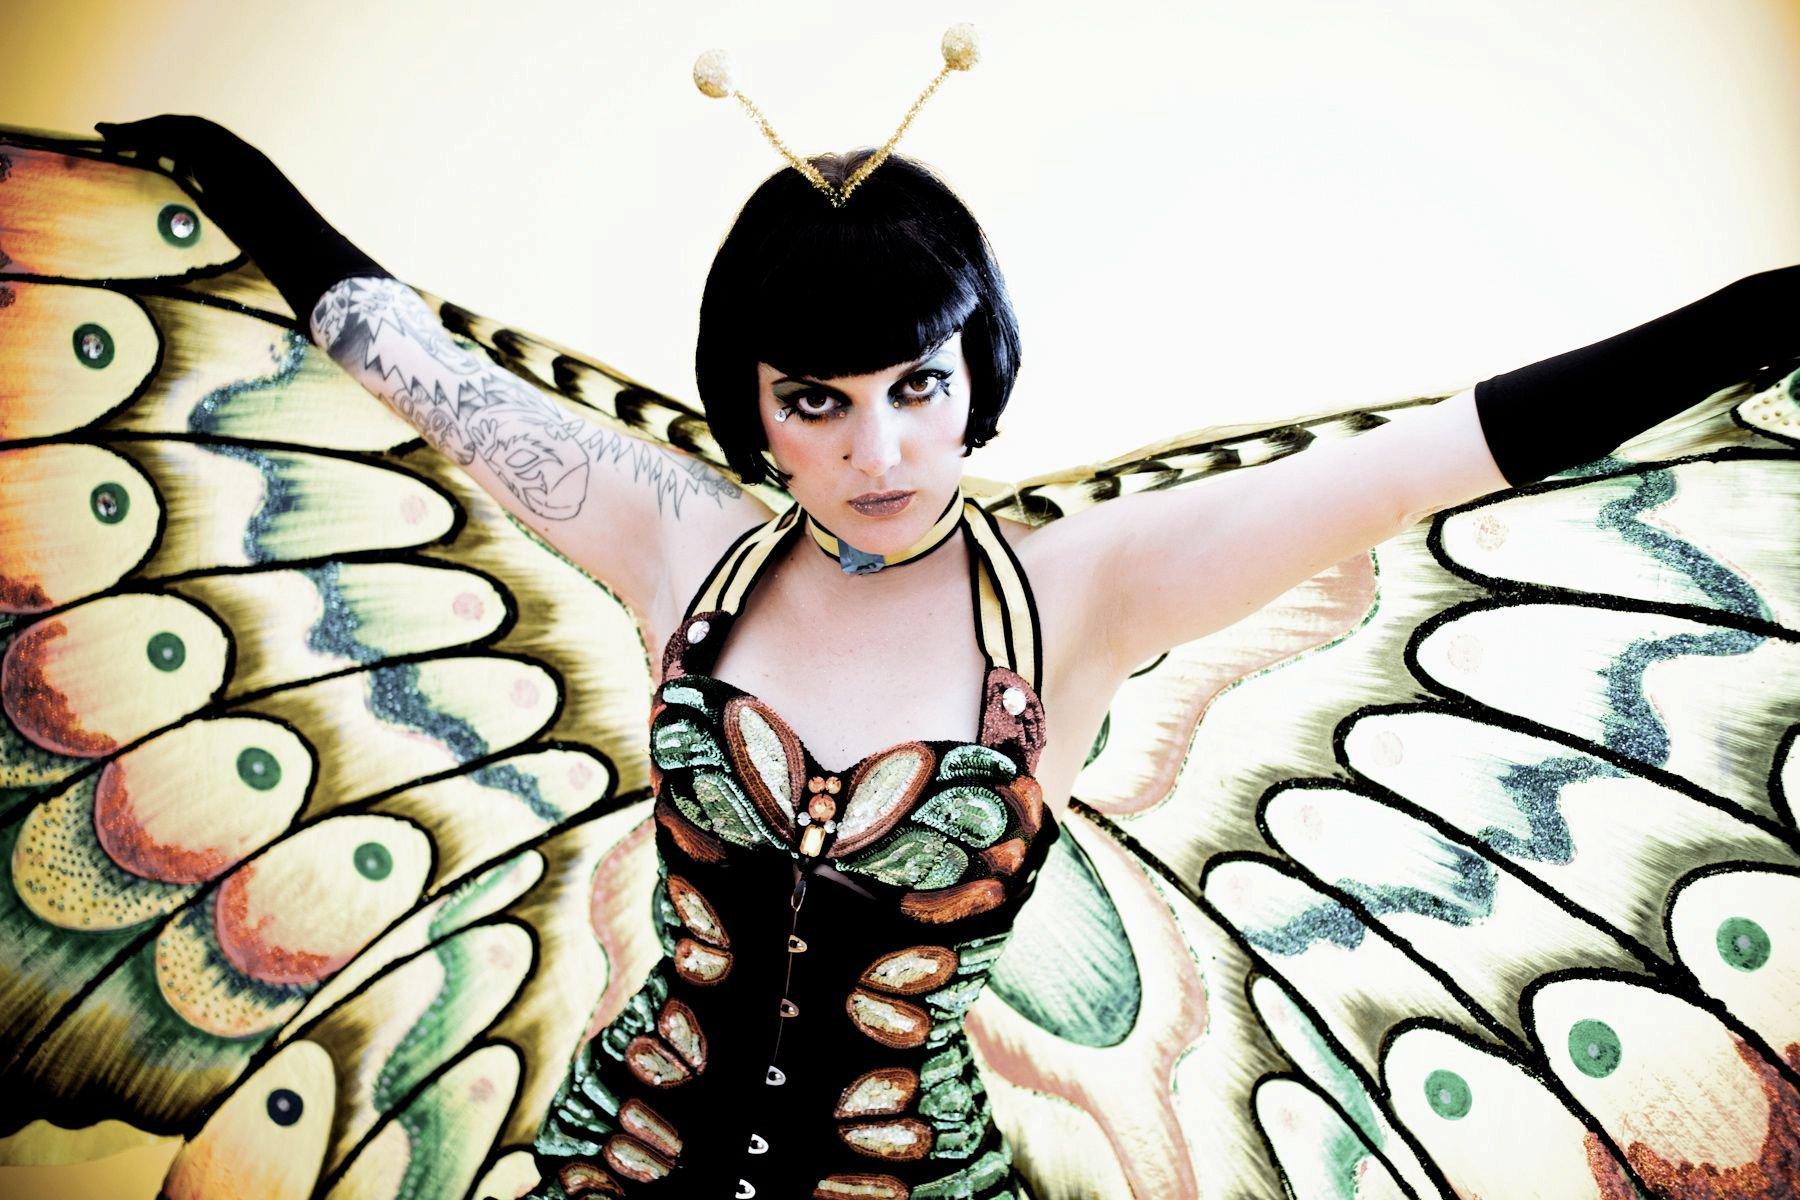 Cleo Viper: da icona underground a stella internazionale del burlesque, ha scelto Trieste come nuova casa